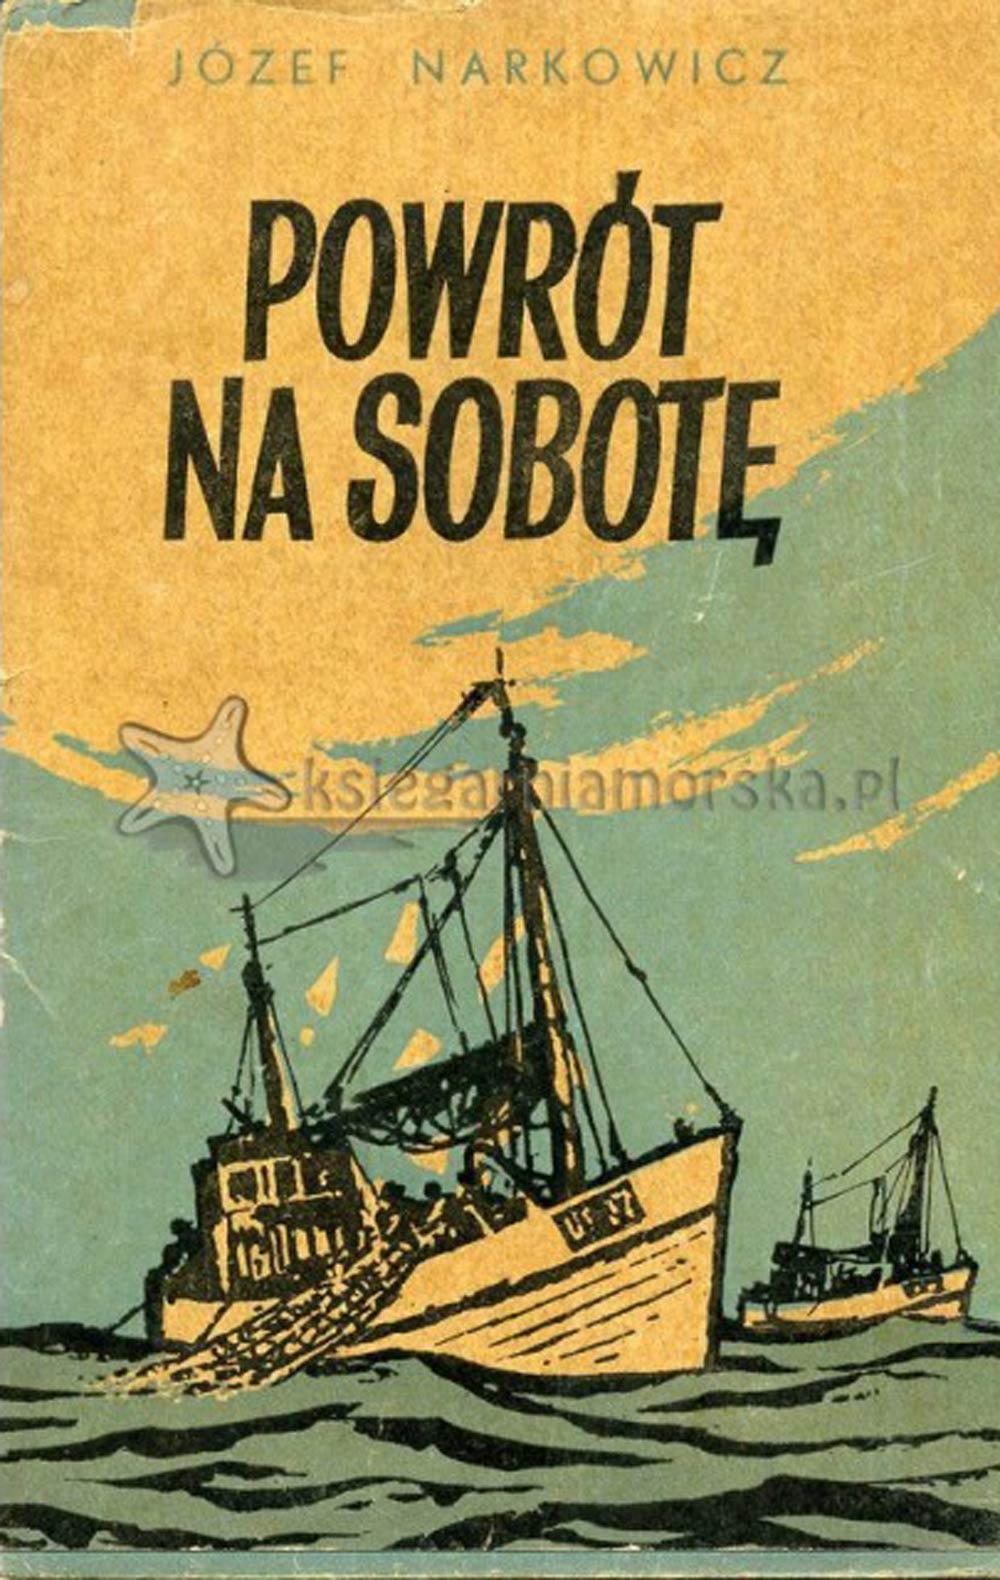 Powrót na sobotę / Józef Narkowicz.- Poznań: Wydawnictwo Poznańskie, 1968. - 38, [1] s., [6] k. tabl. : il.